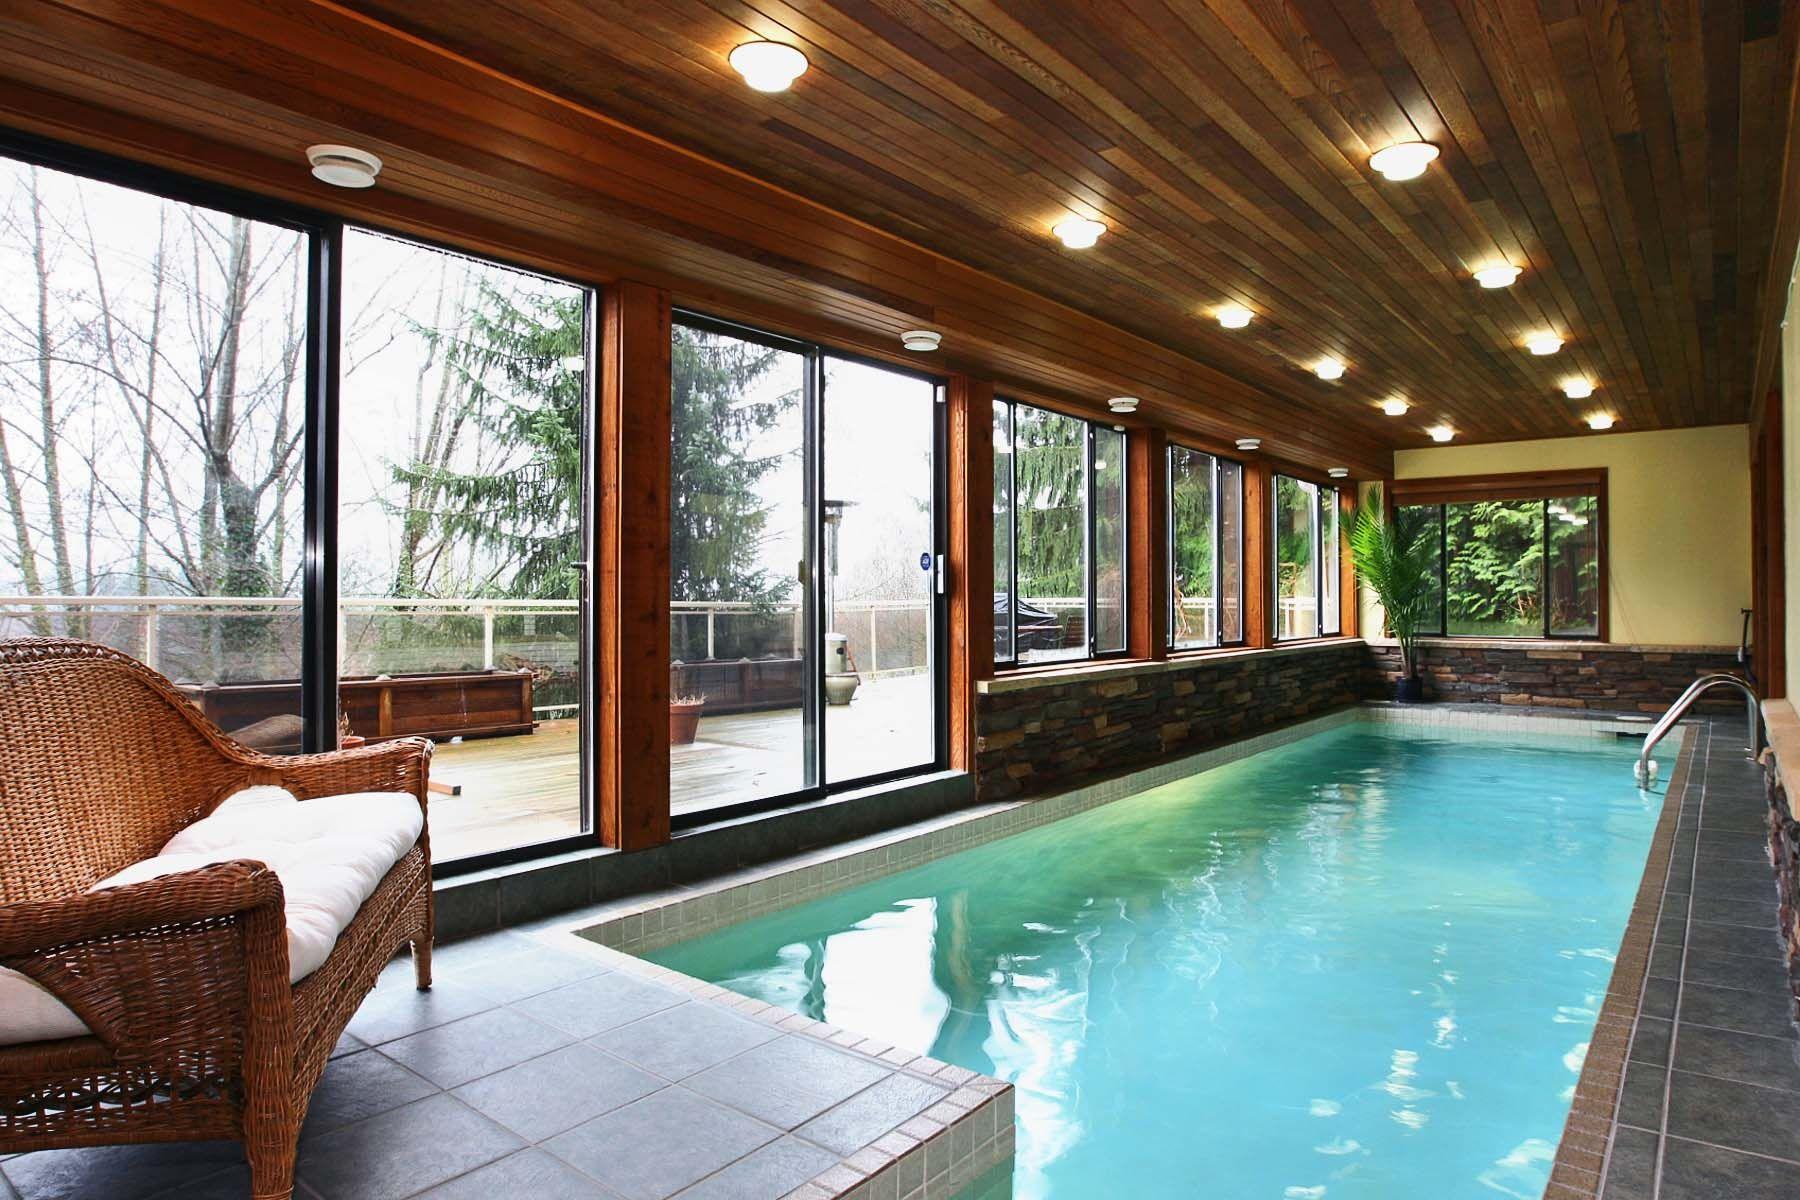 British Properties West Vancouver Indoor Lap Pool Indoor Pool Lap Pool Pool Houses